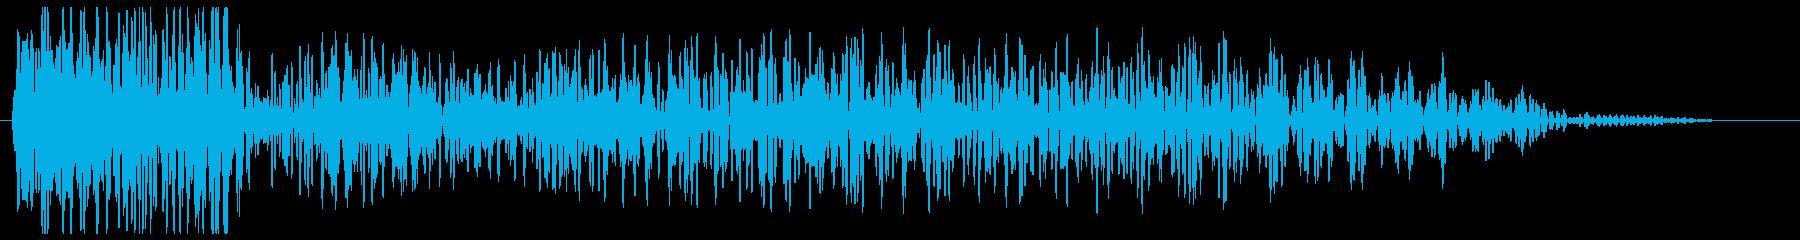 ドン ヒューン(低音で深く響く音)の再生済みの波形